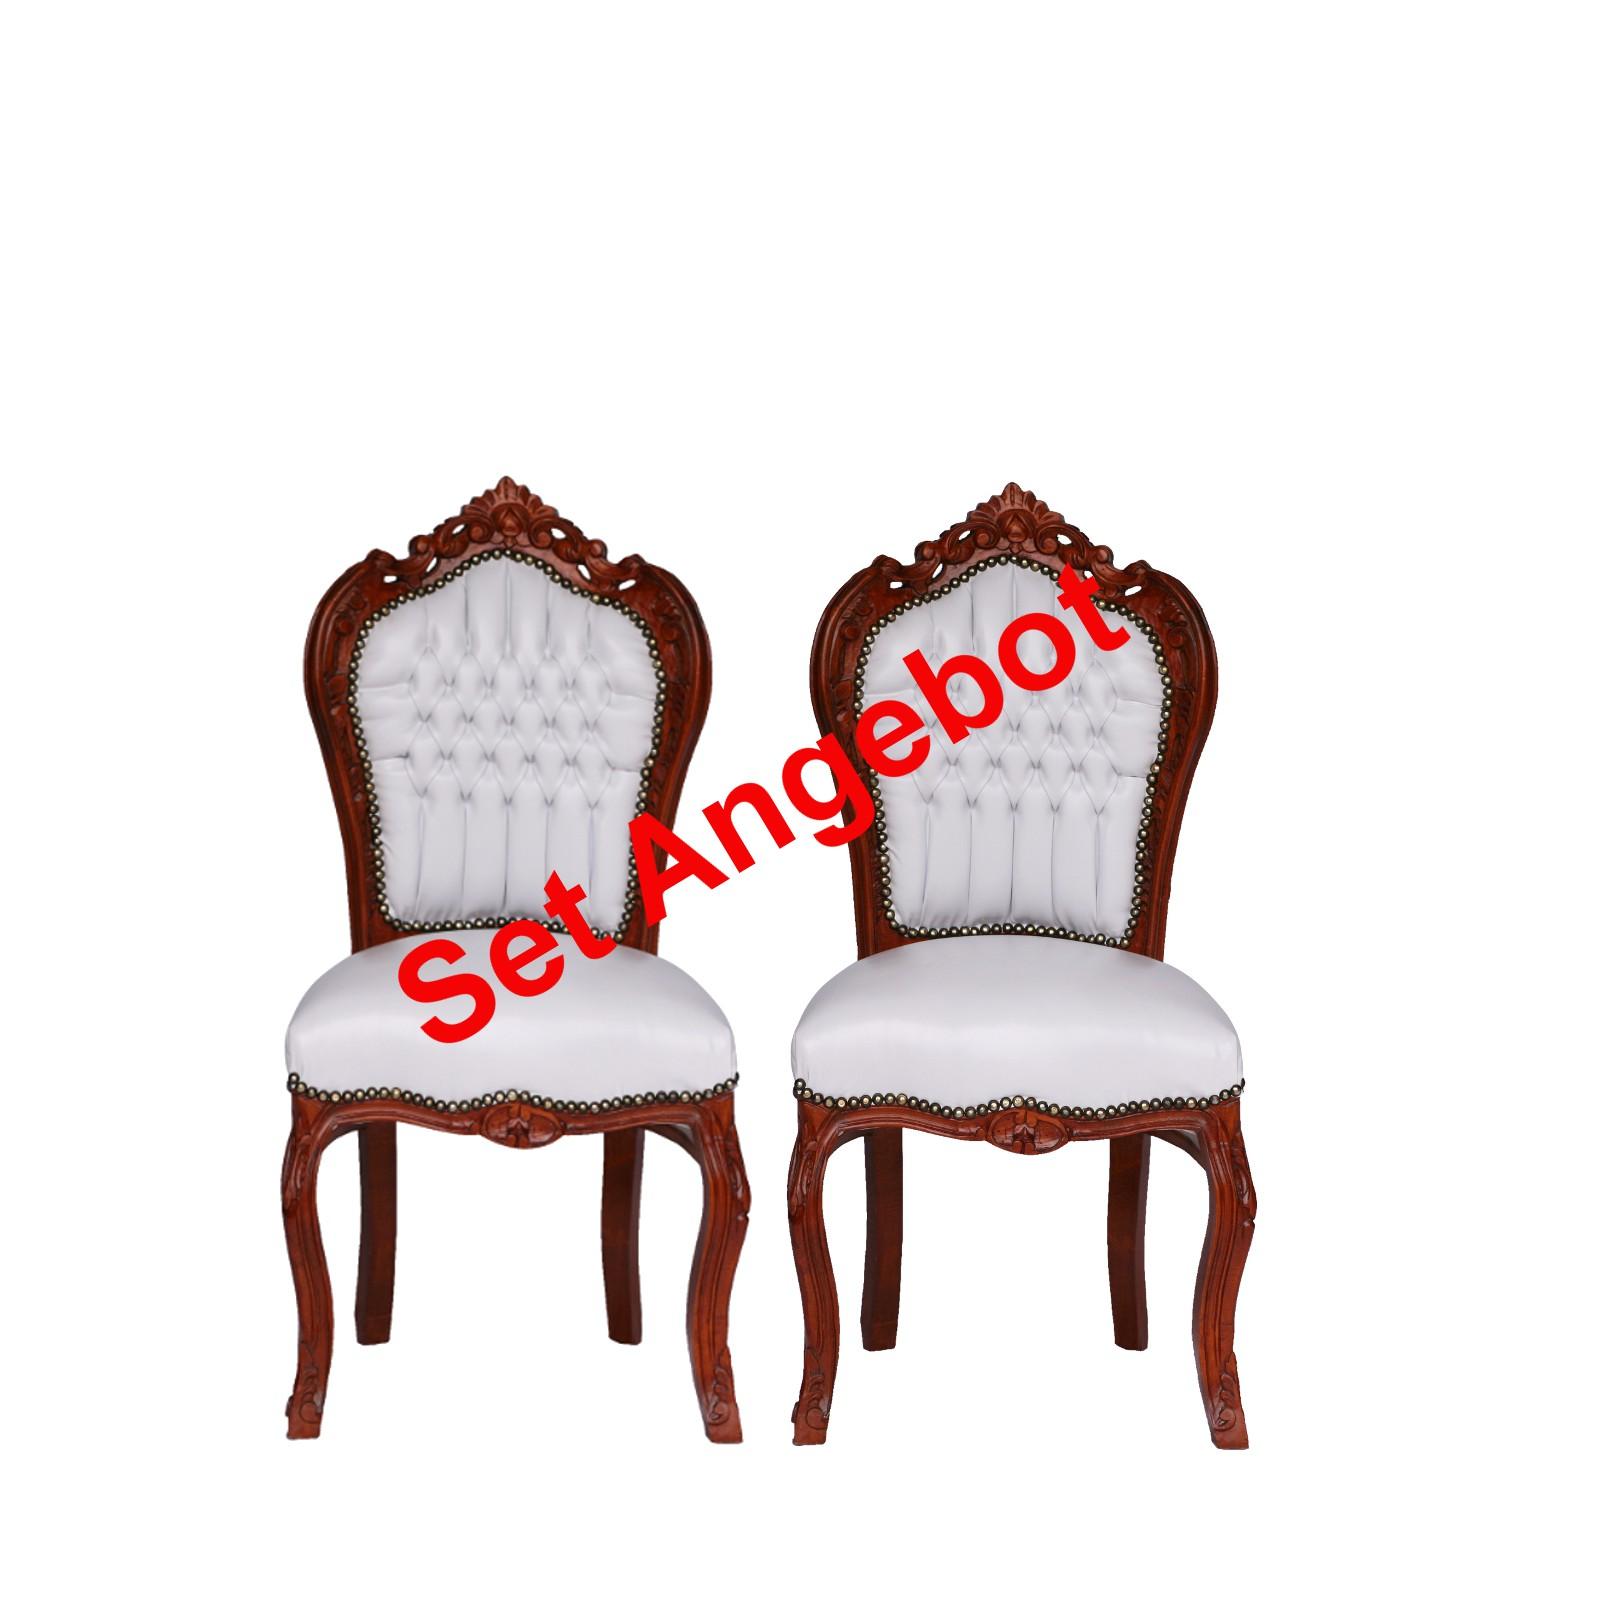 2 Stühle Polstergruppe Barockmöbel Küche ANGEBOT weiß braun Antik Stil